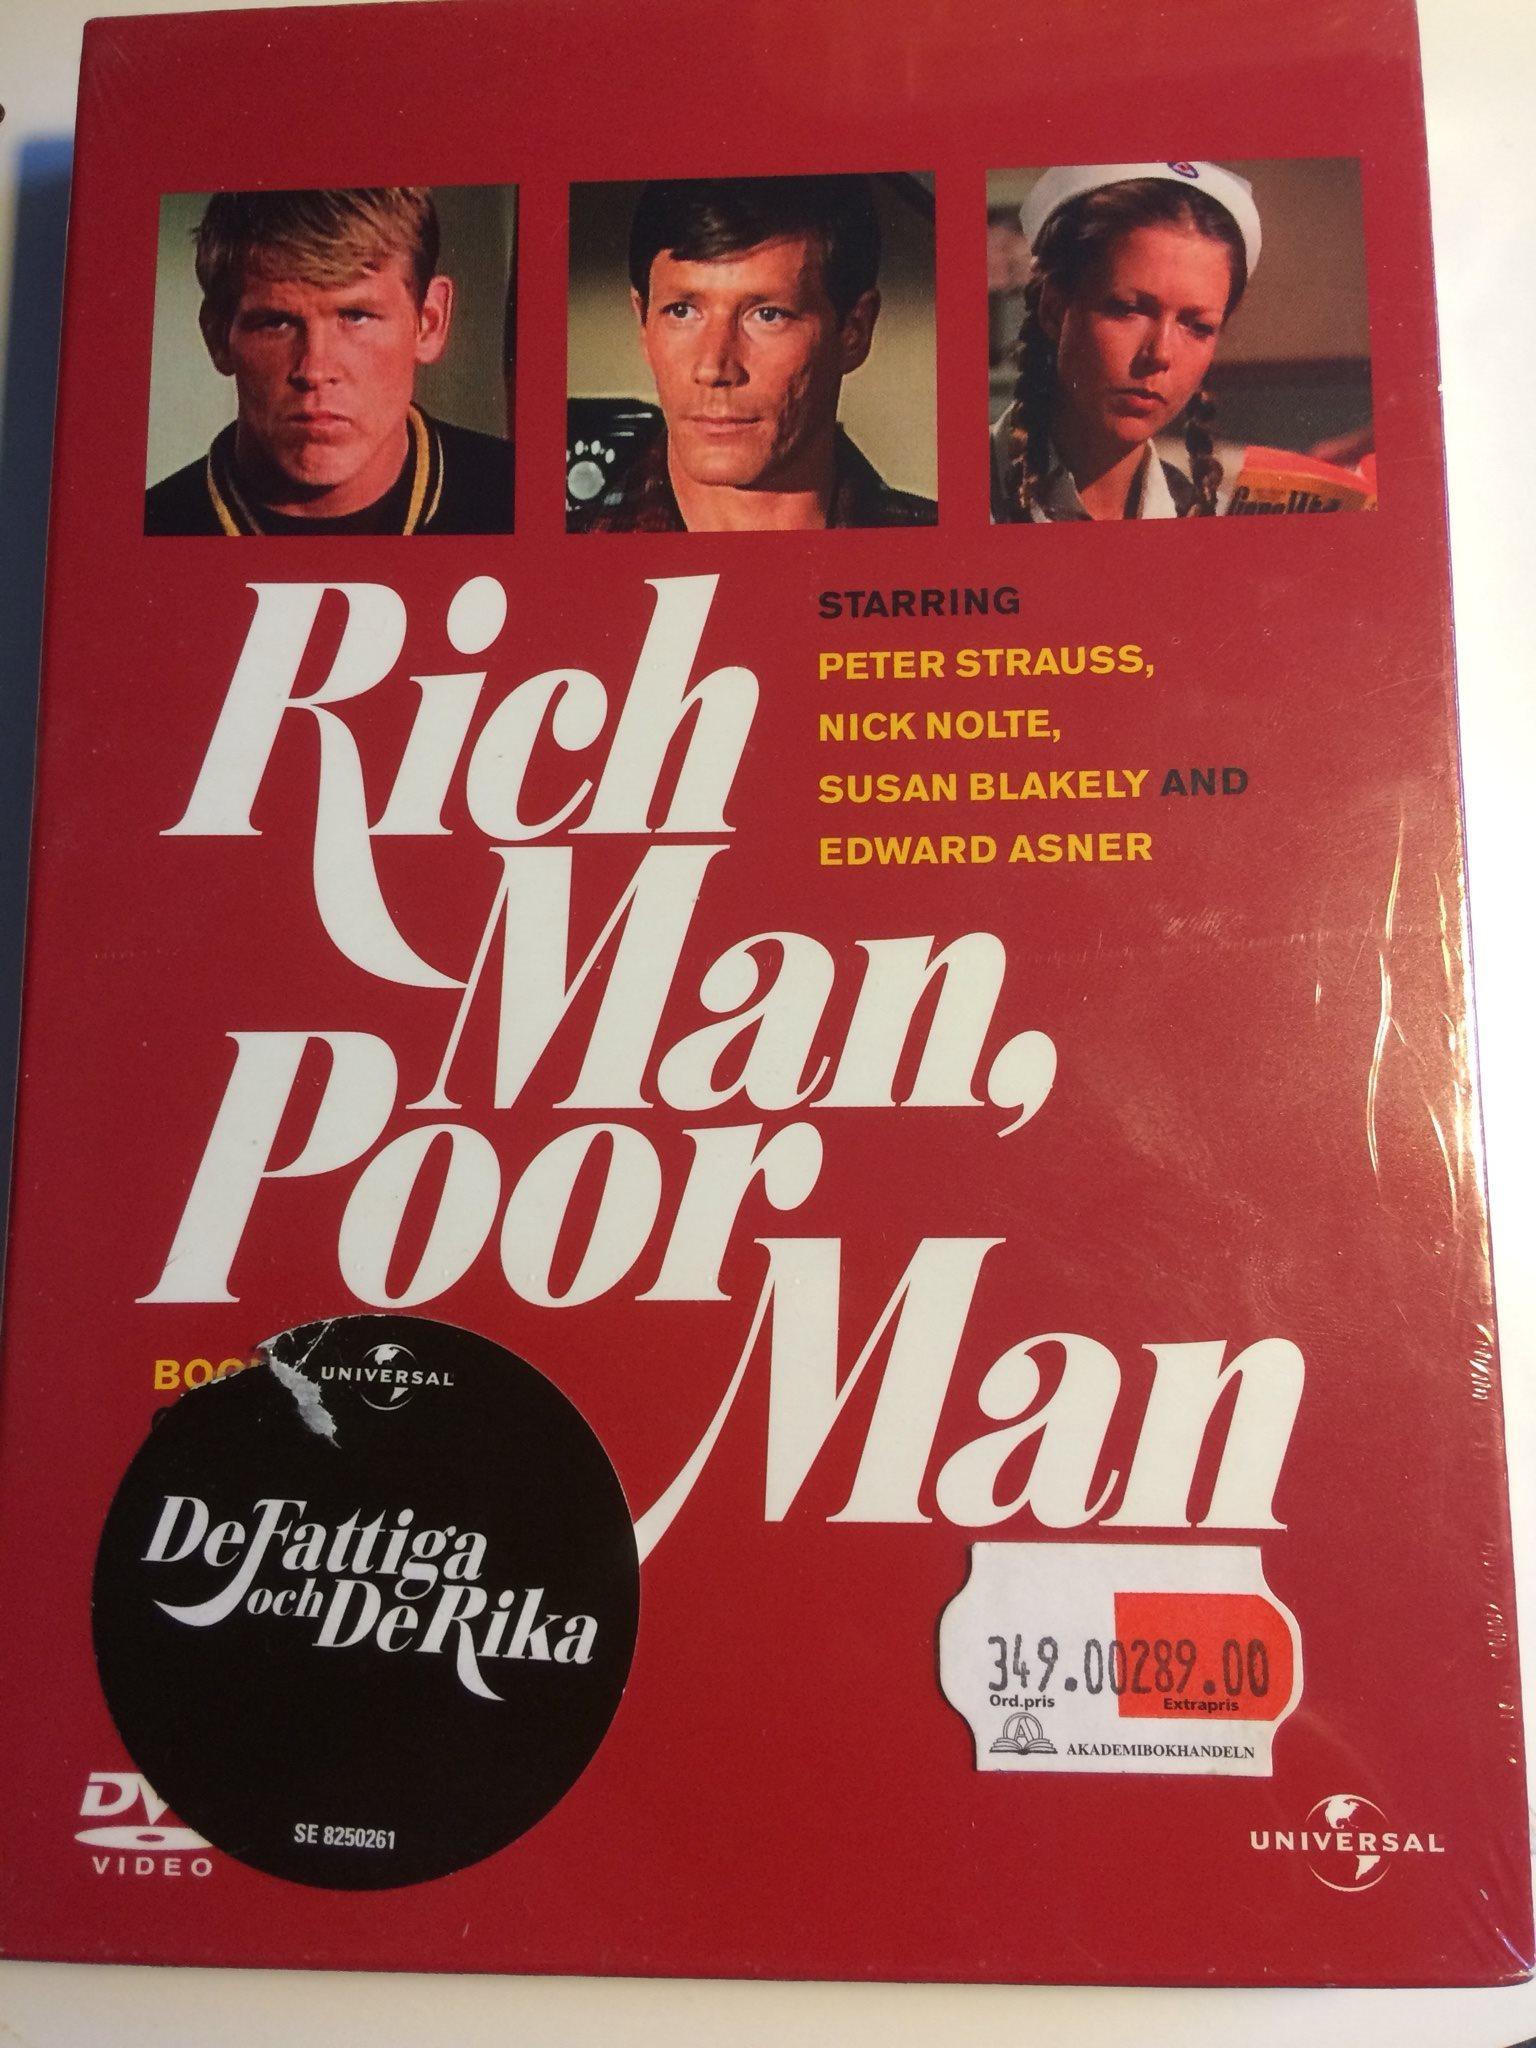 de fattiga och de rika